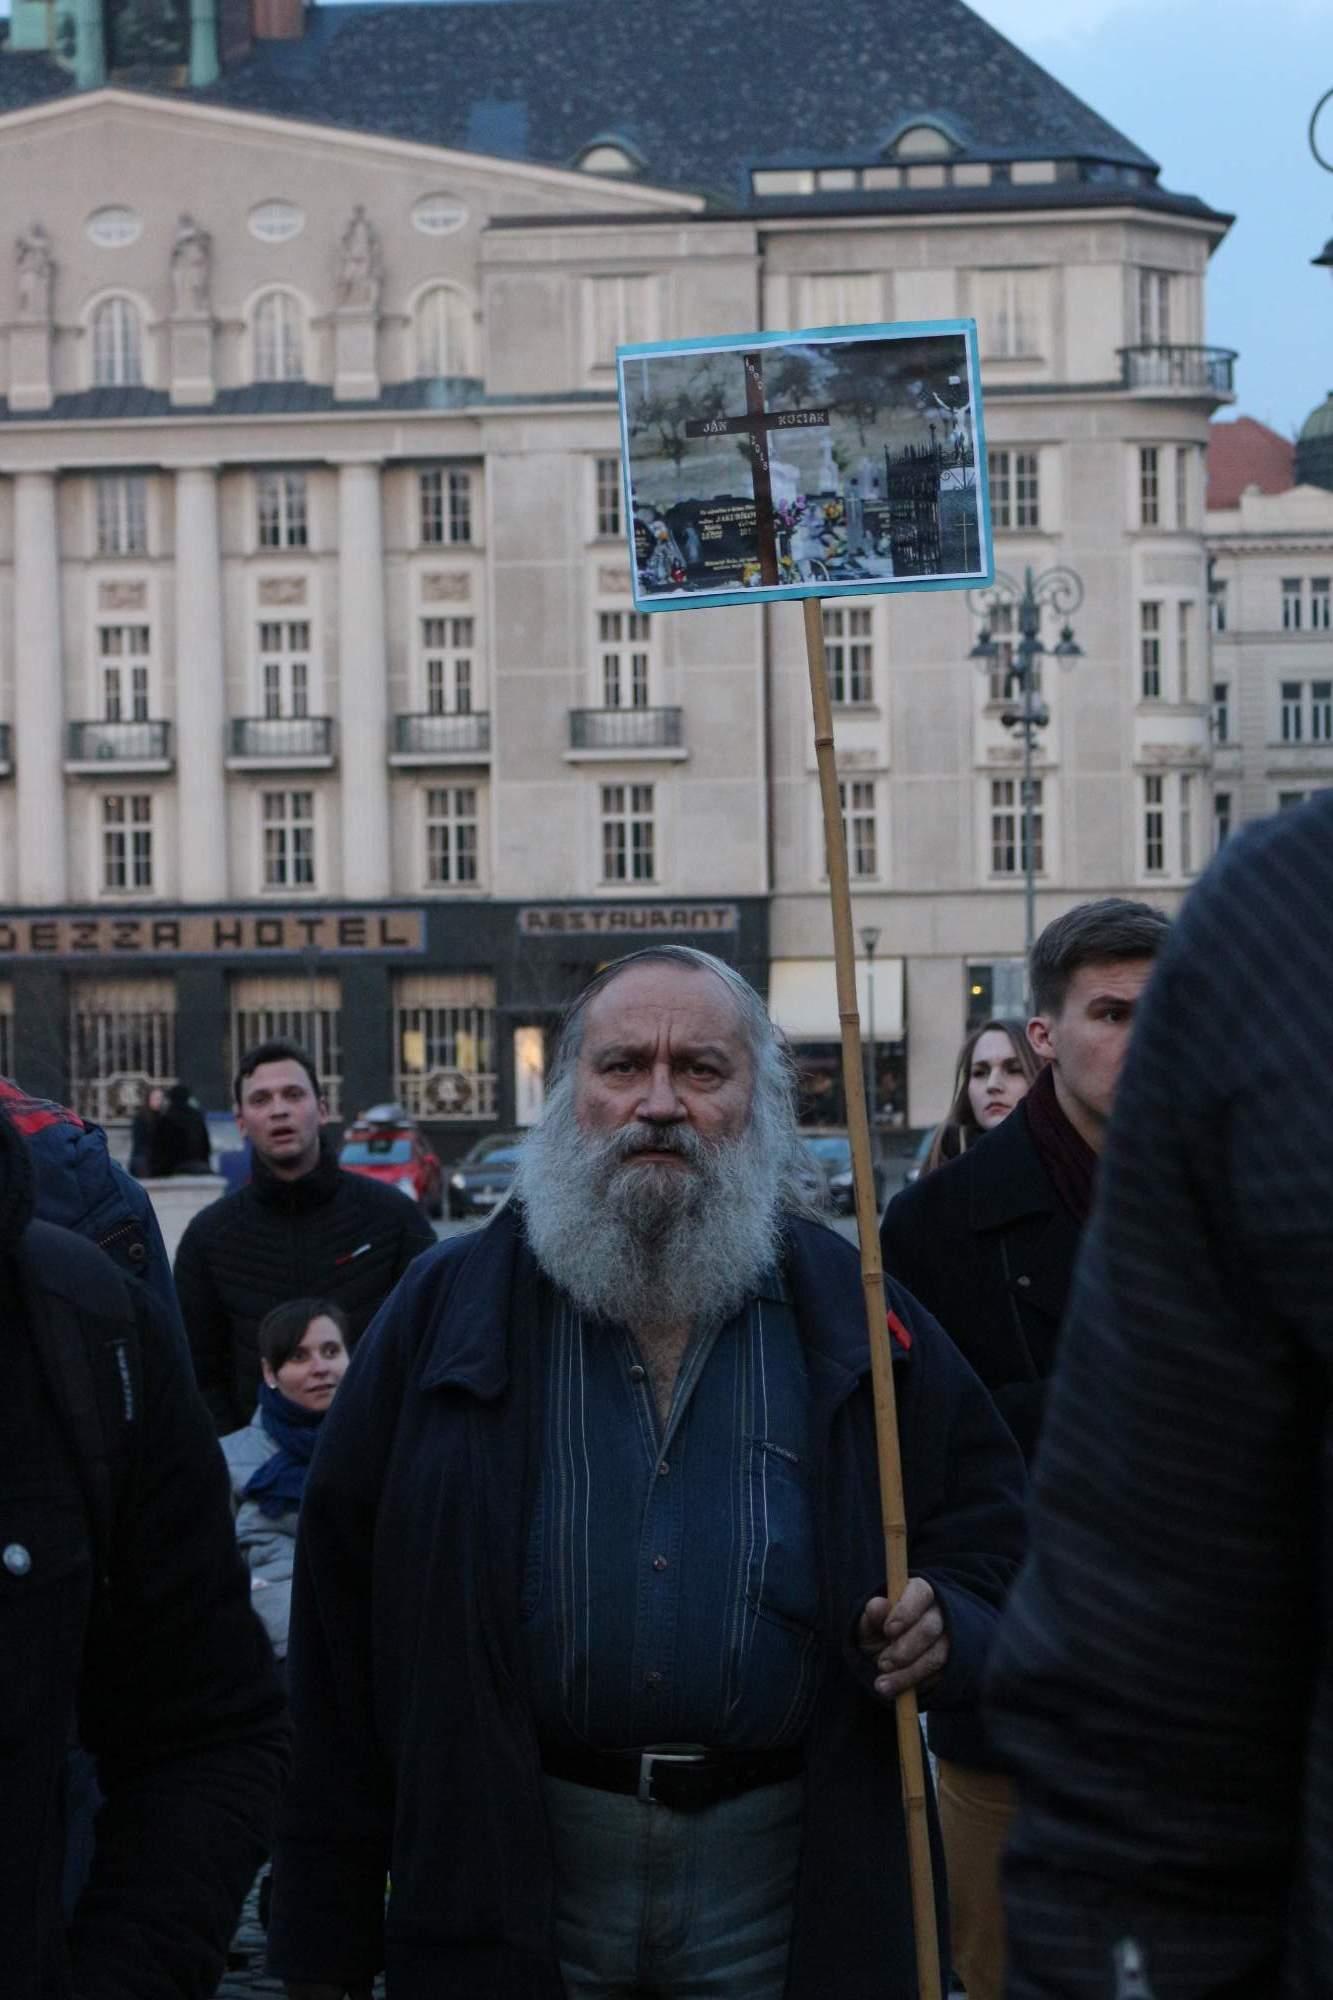 Hlavným dôvodom stretnutia bola smrť investigatívneho novinára Jána Kuciaka, ktorého rečníci niekoľkokrát spomenuli vo svojich prejavoch. Na jeho činy nezabúdajú ani ostatní Brňania. Foto: Simona Gálová